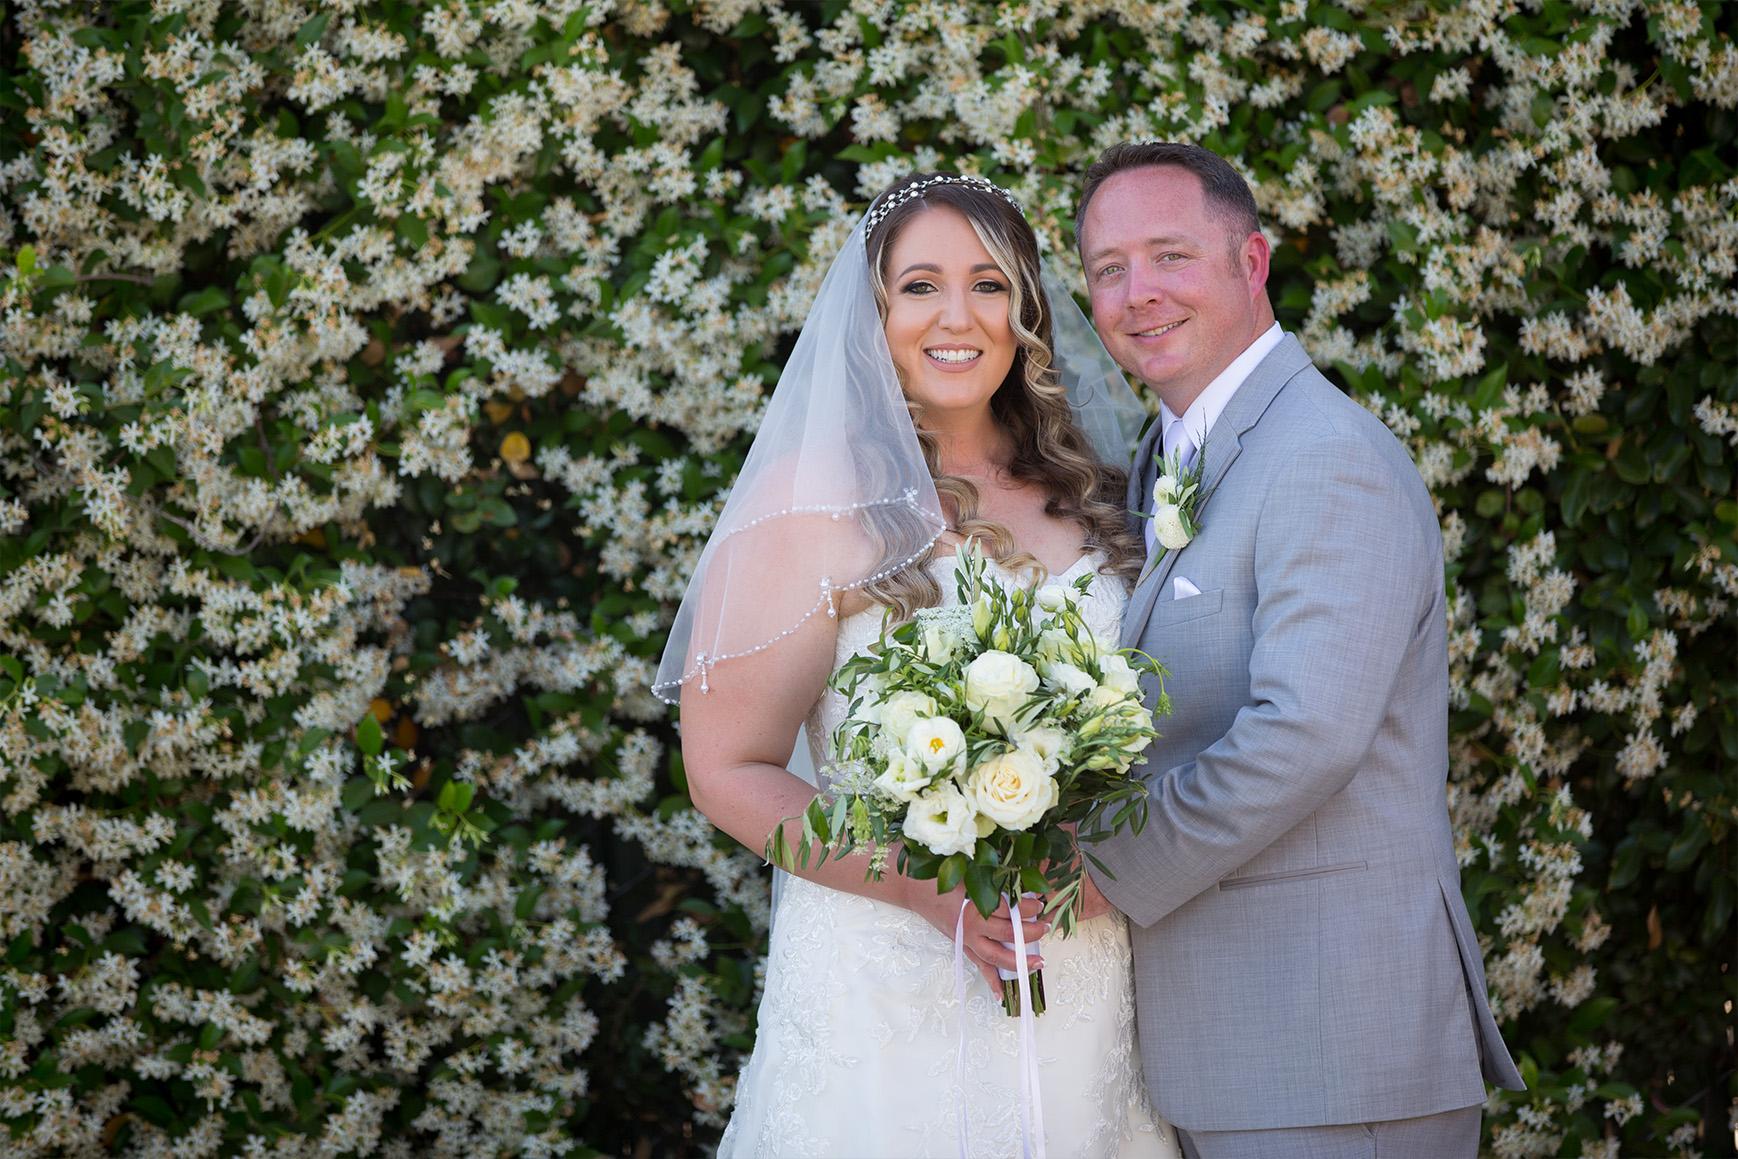 Garden wedding ceremony - Fresno - Fresno, California - Frenso County - Wedgewood Weddngs